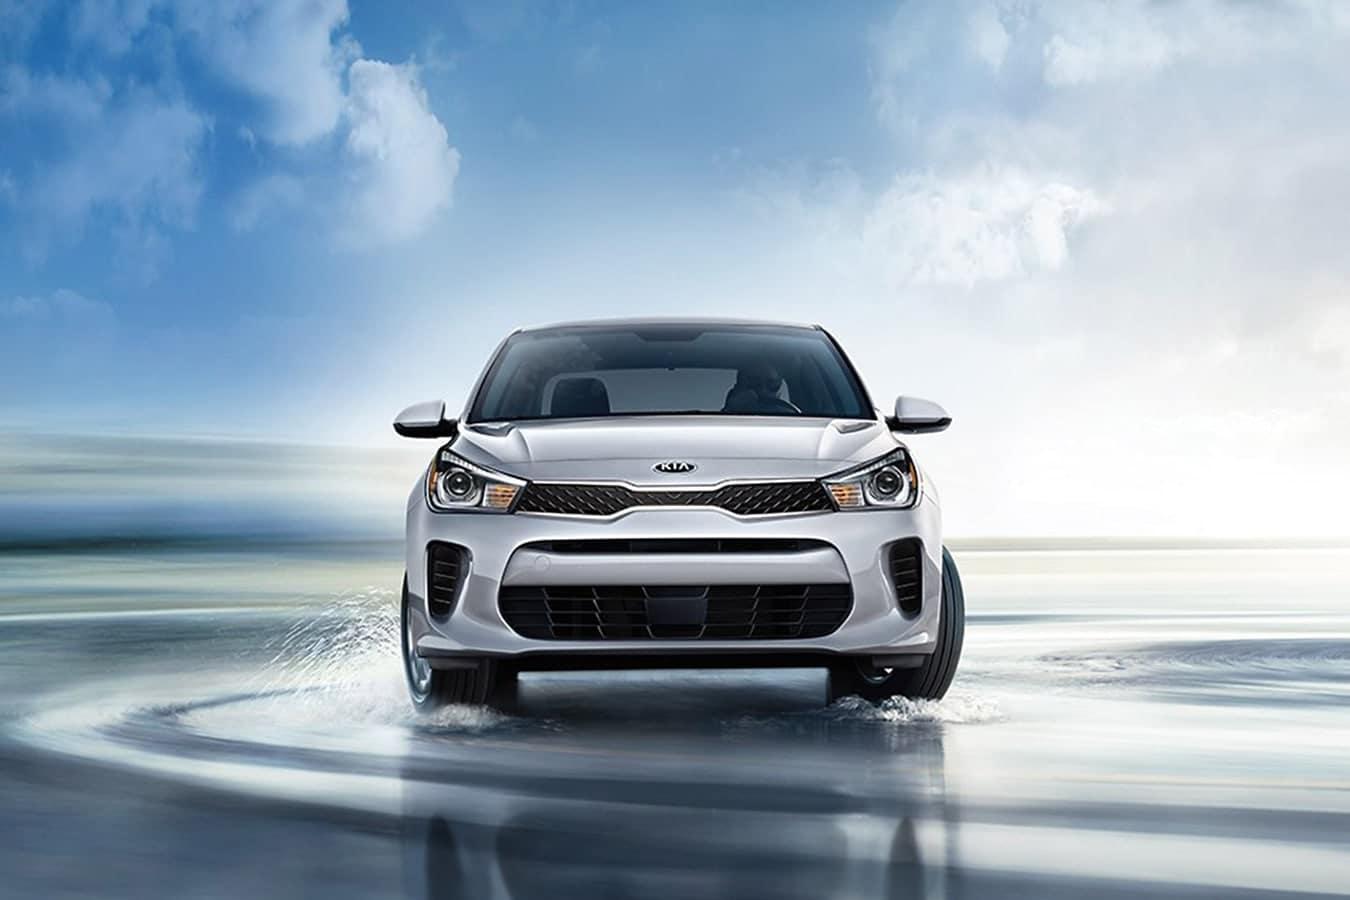 Test drive the 2020 Kia Rio near Auburn Hills MI